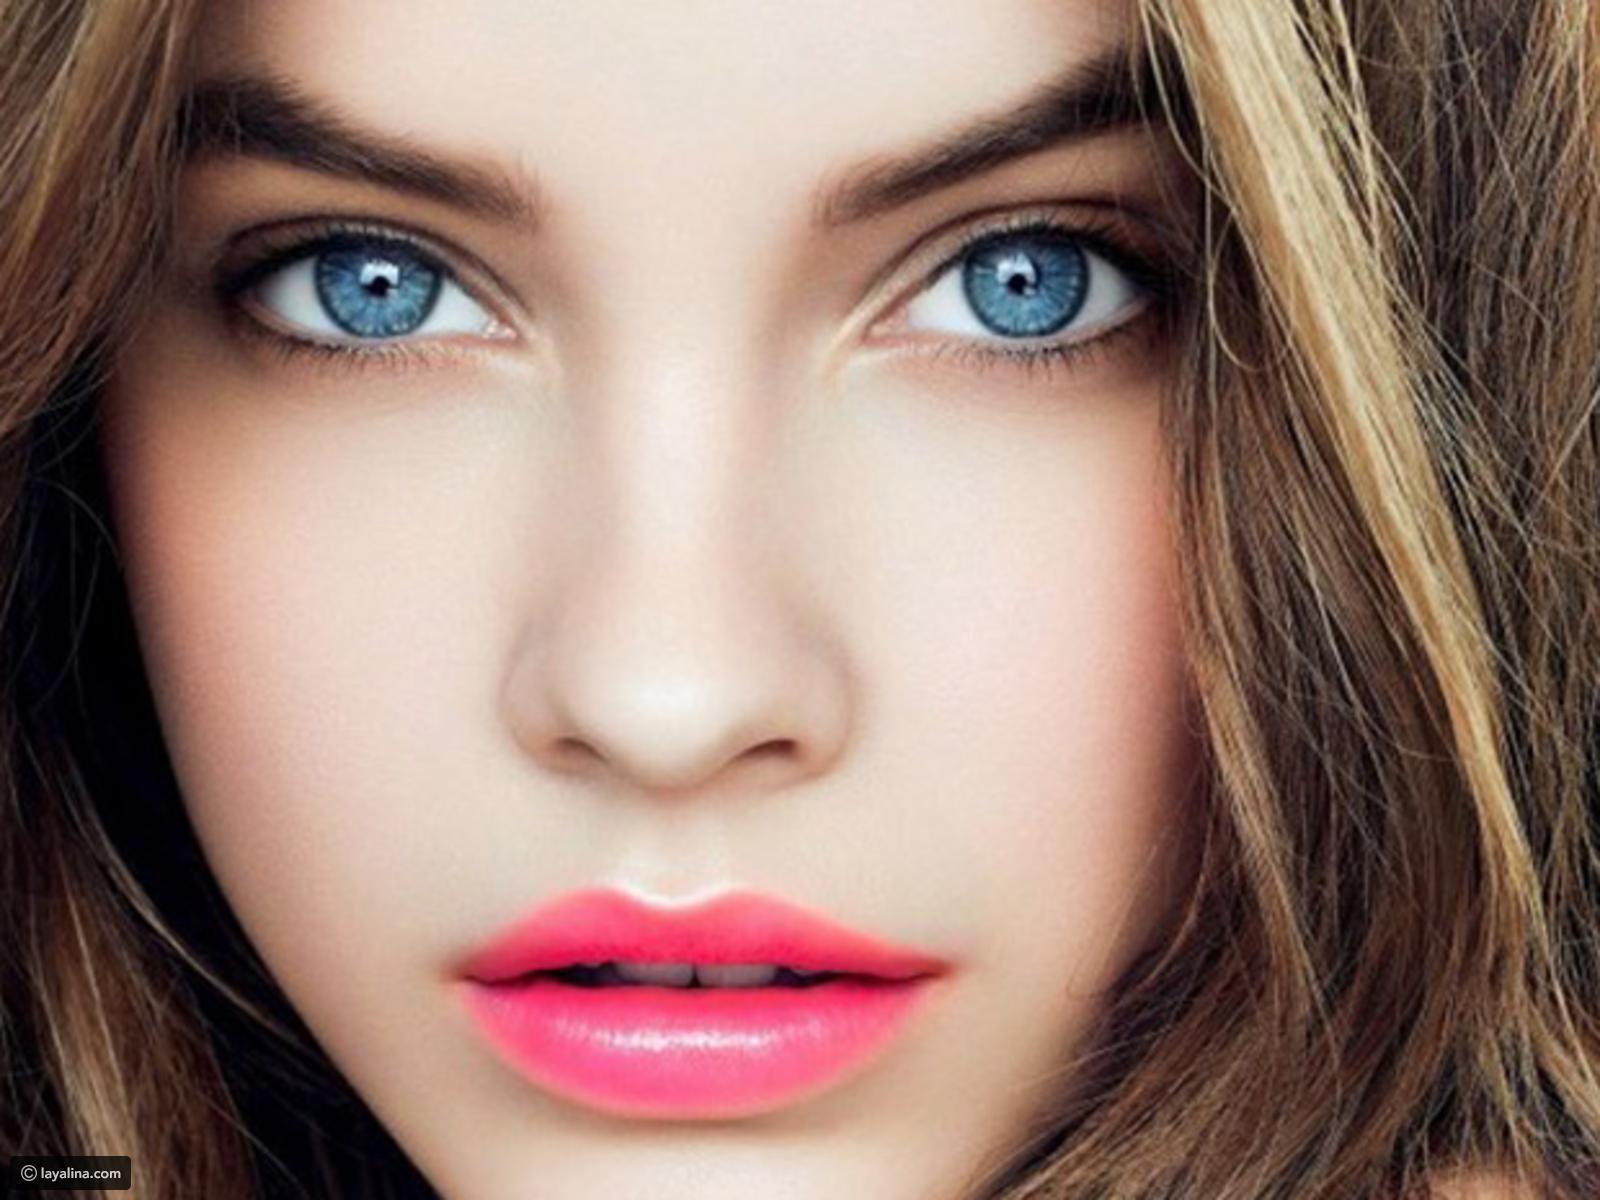 بالصور عيون زرقاء , صور لاجمل العيون الملونة 3586 2